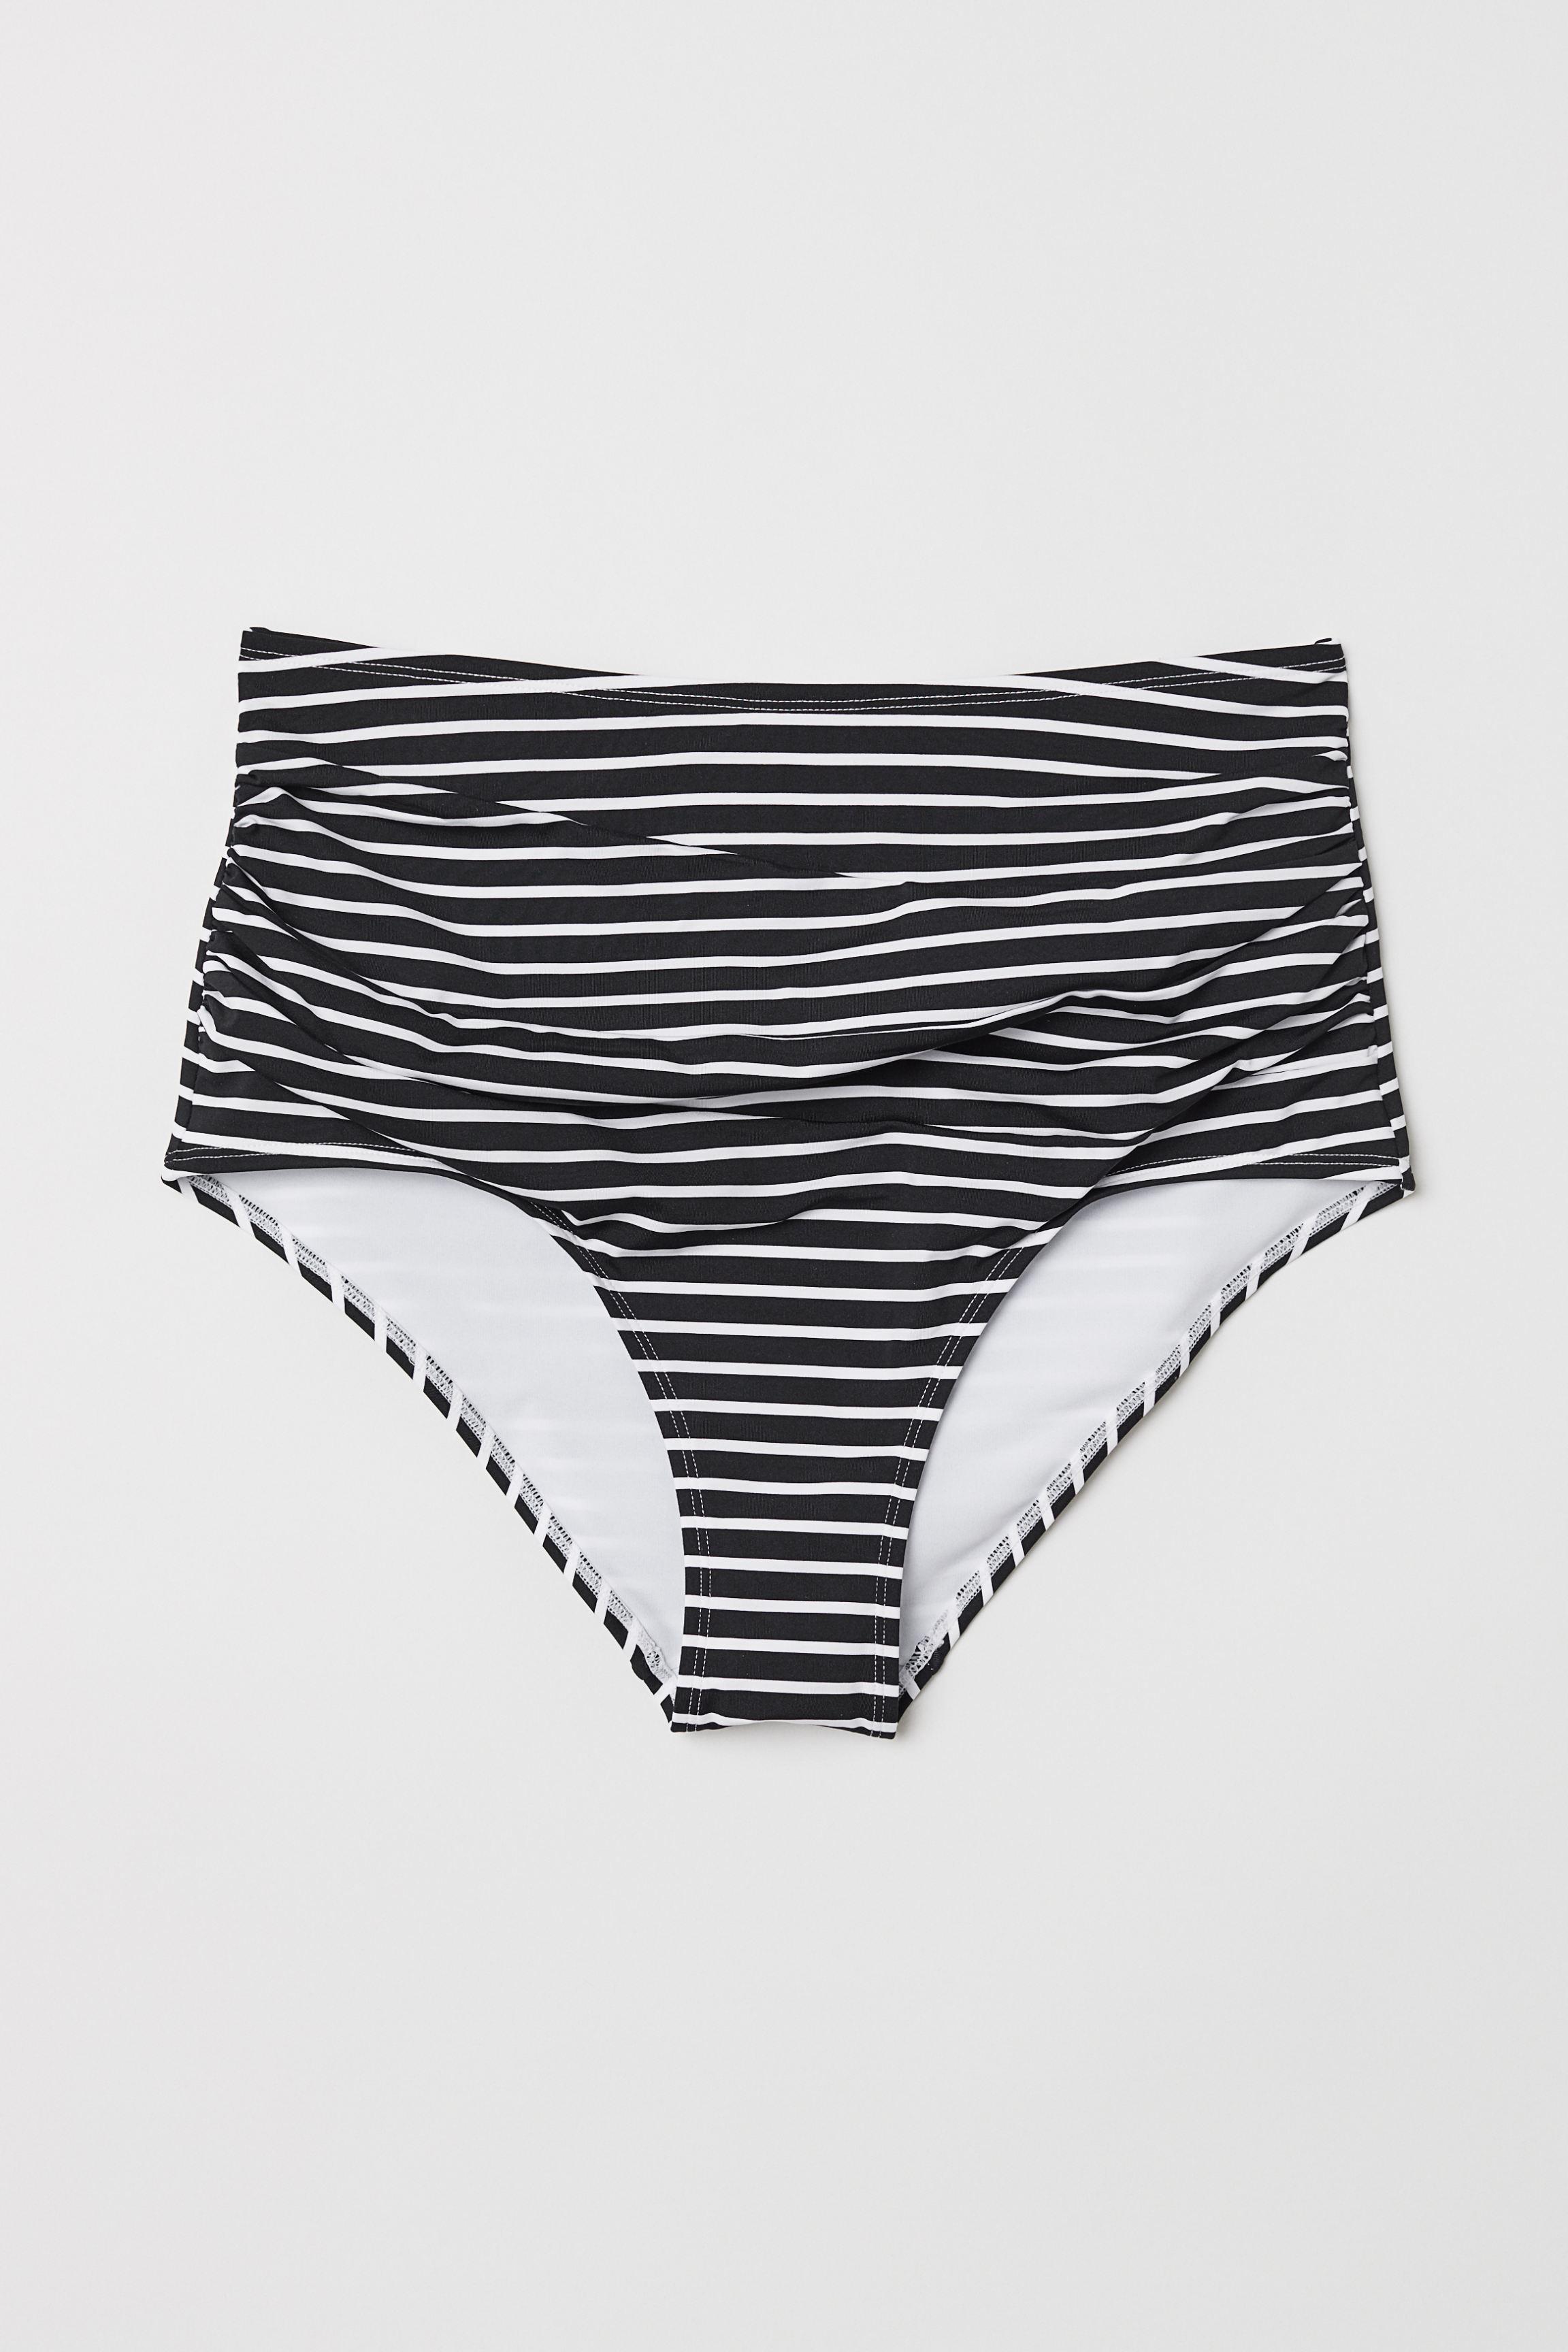 H&M+ Bikini Bottoms High waist